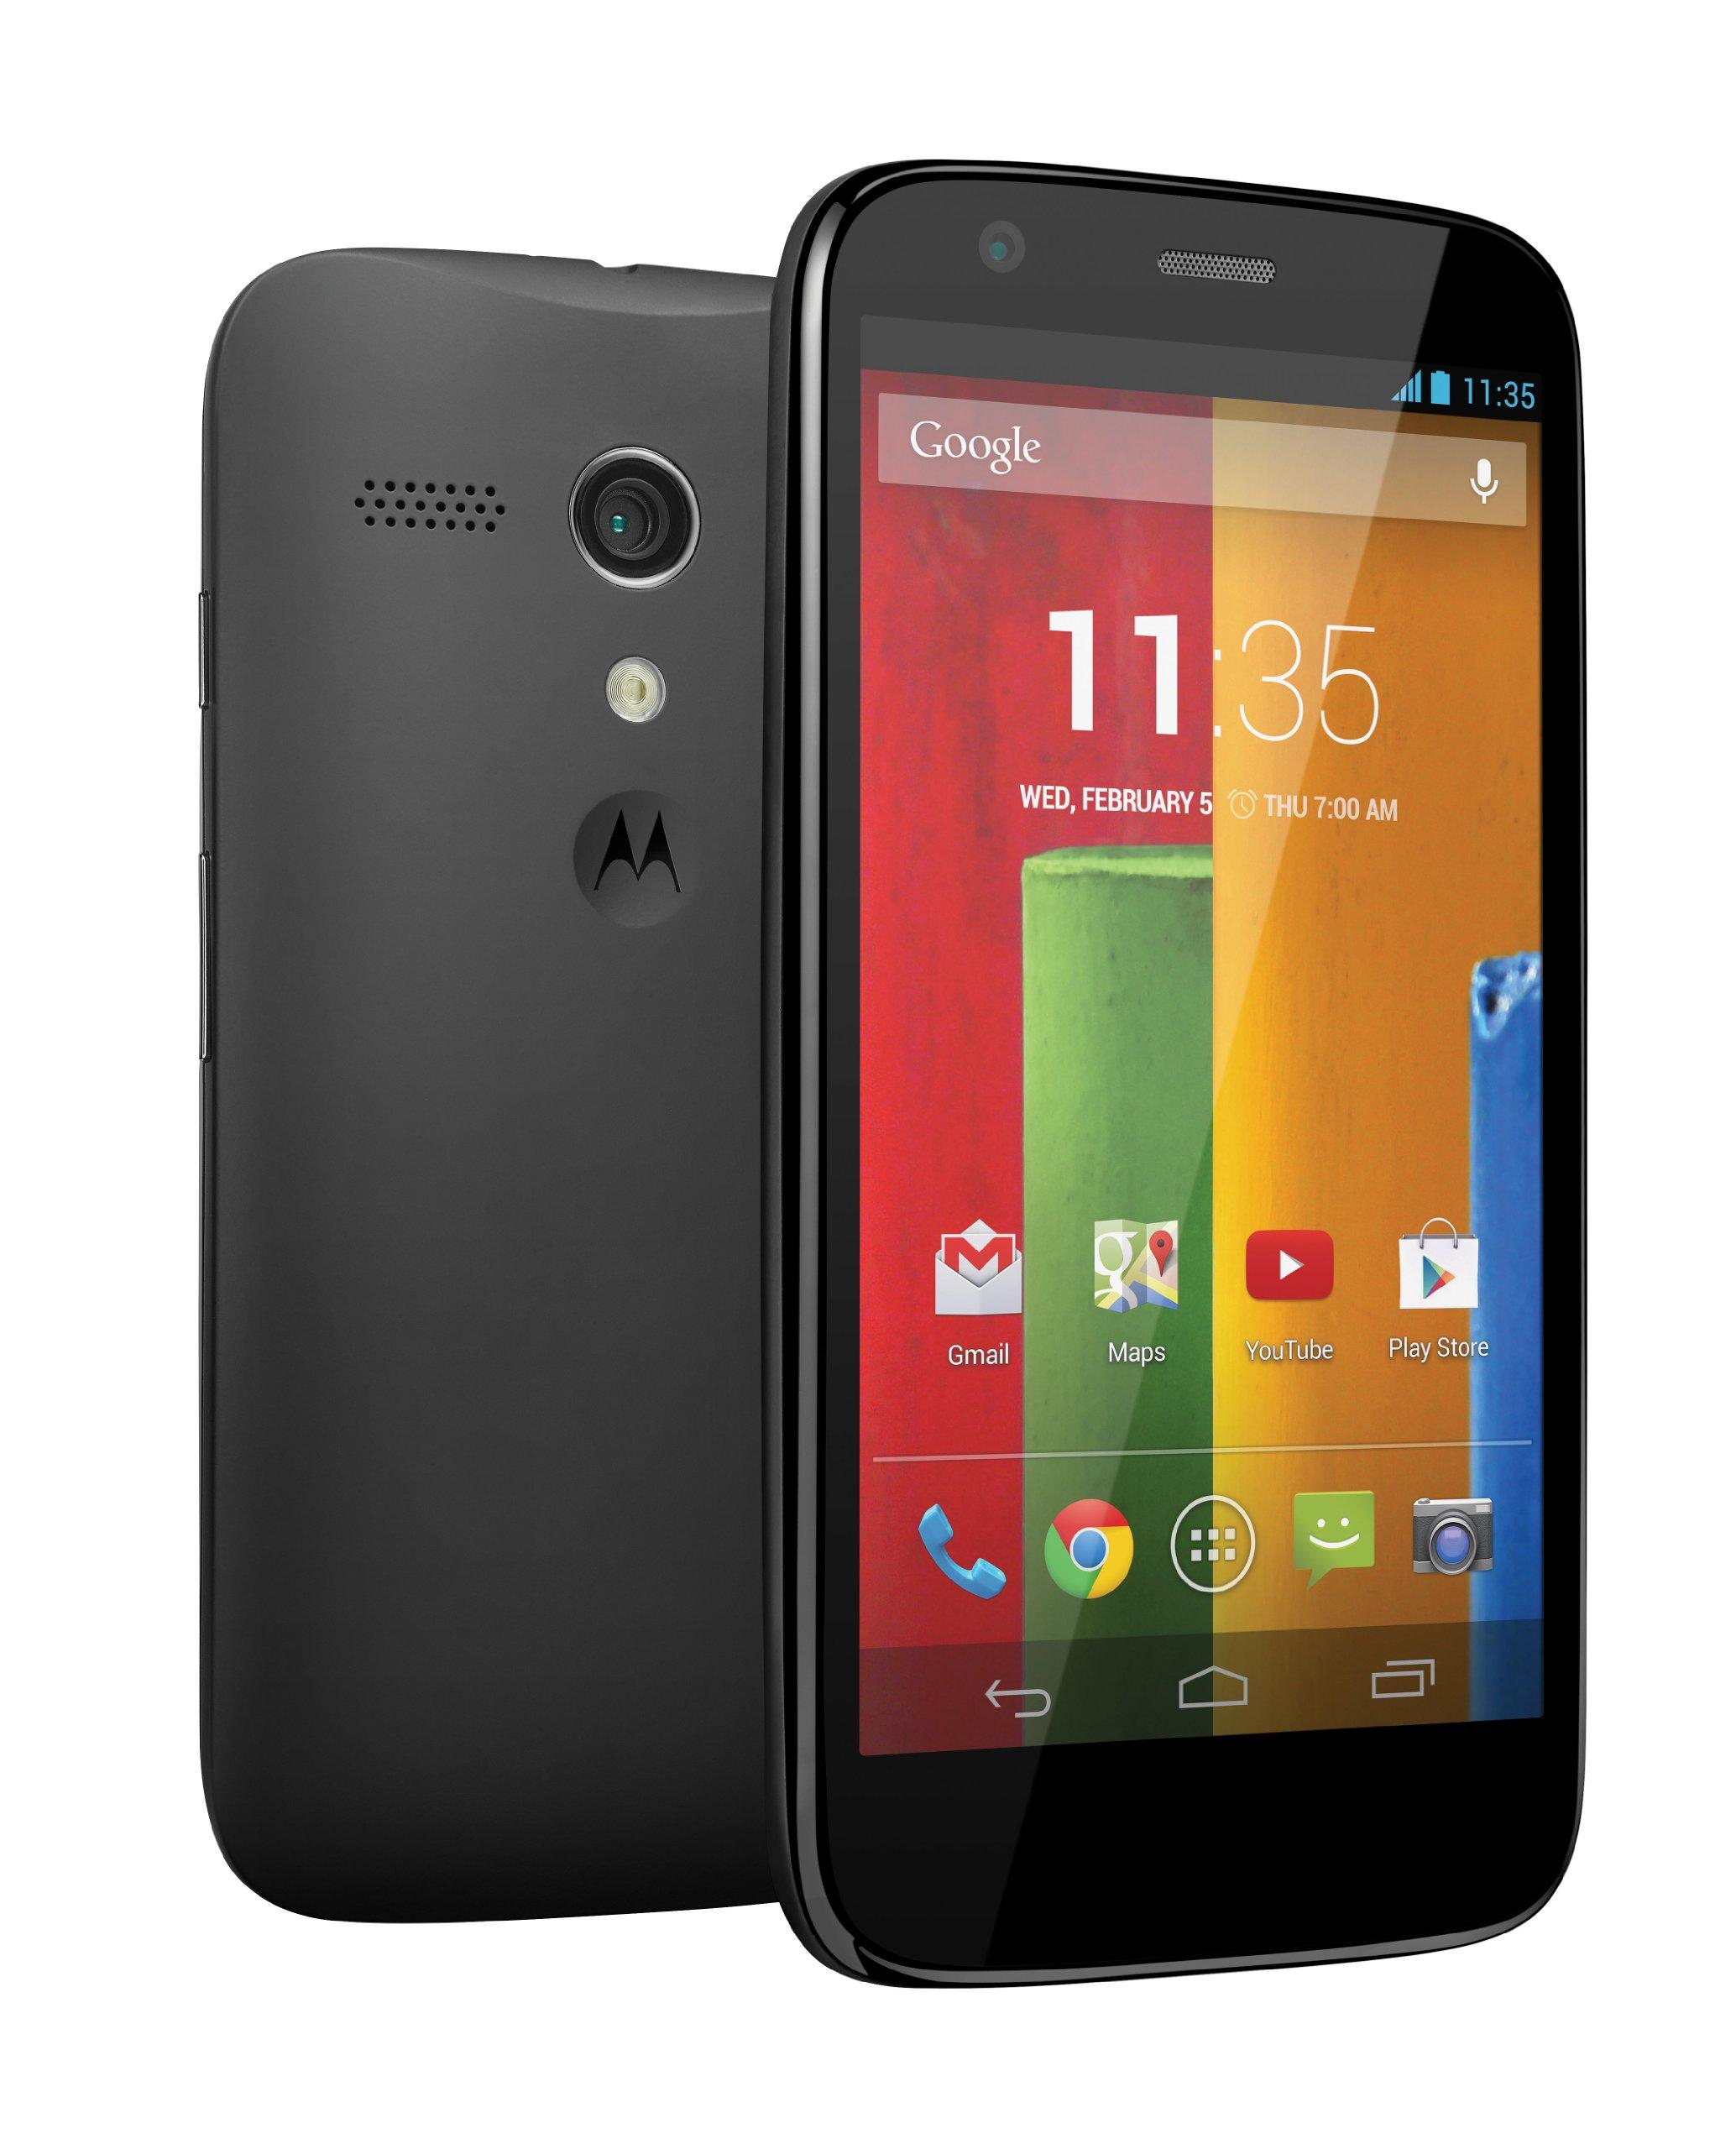 Moto G - Verizon Prepaid Phone (Verizon Prepaid Only) by MOTCB (Image #2)